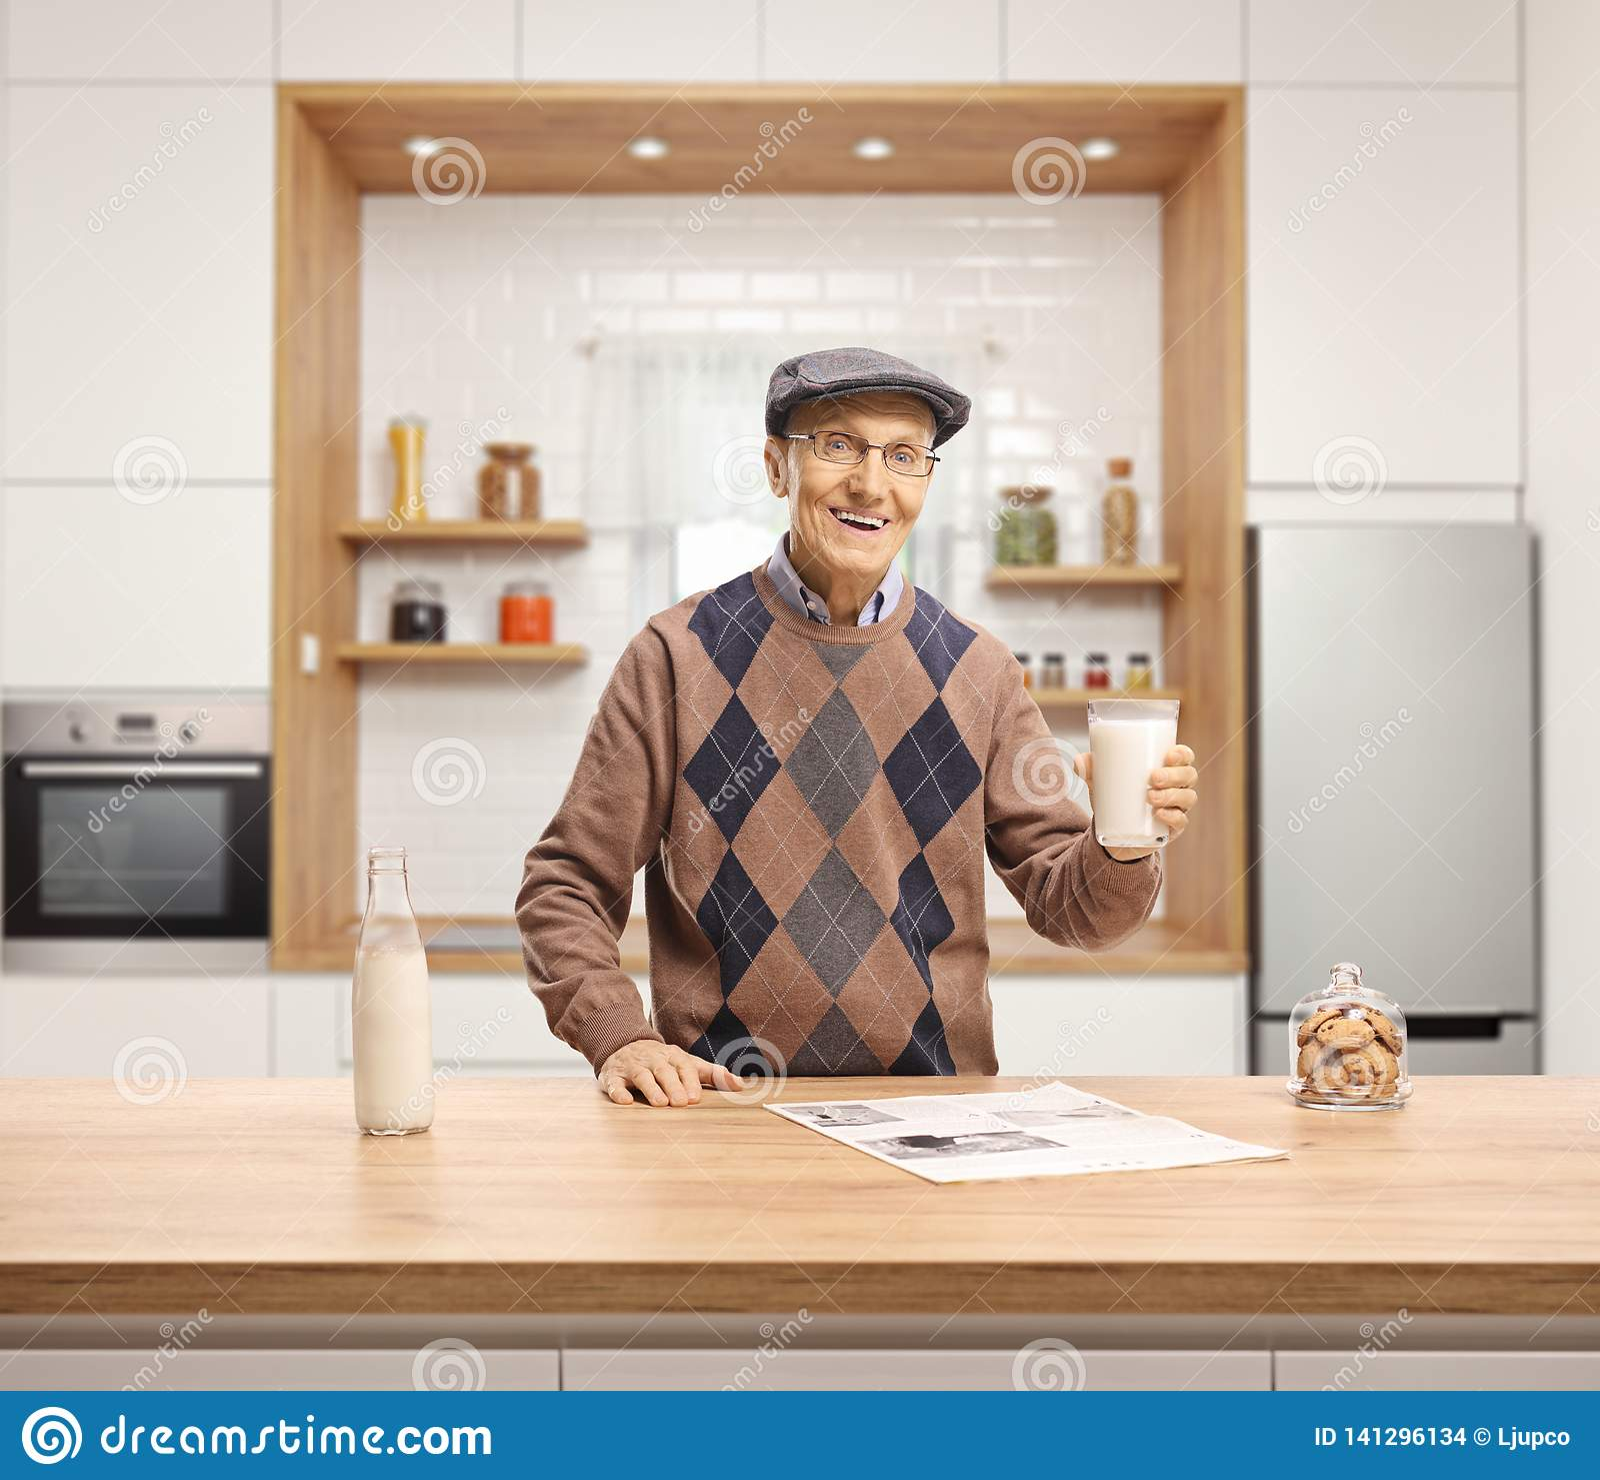 Homme plus âgé tenant un verre de lait et se tenant derrière un compteur en bois dans une cuisine